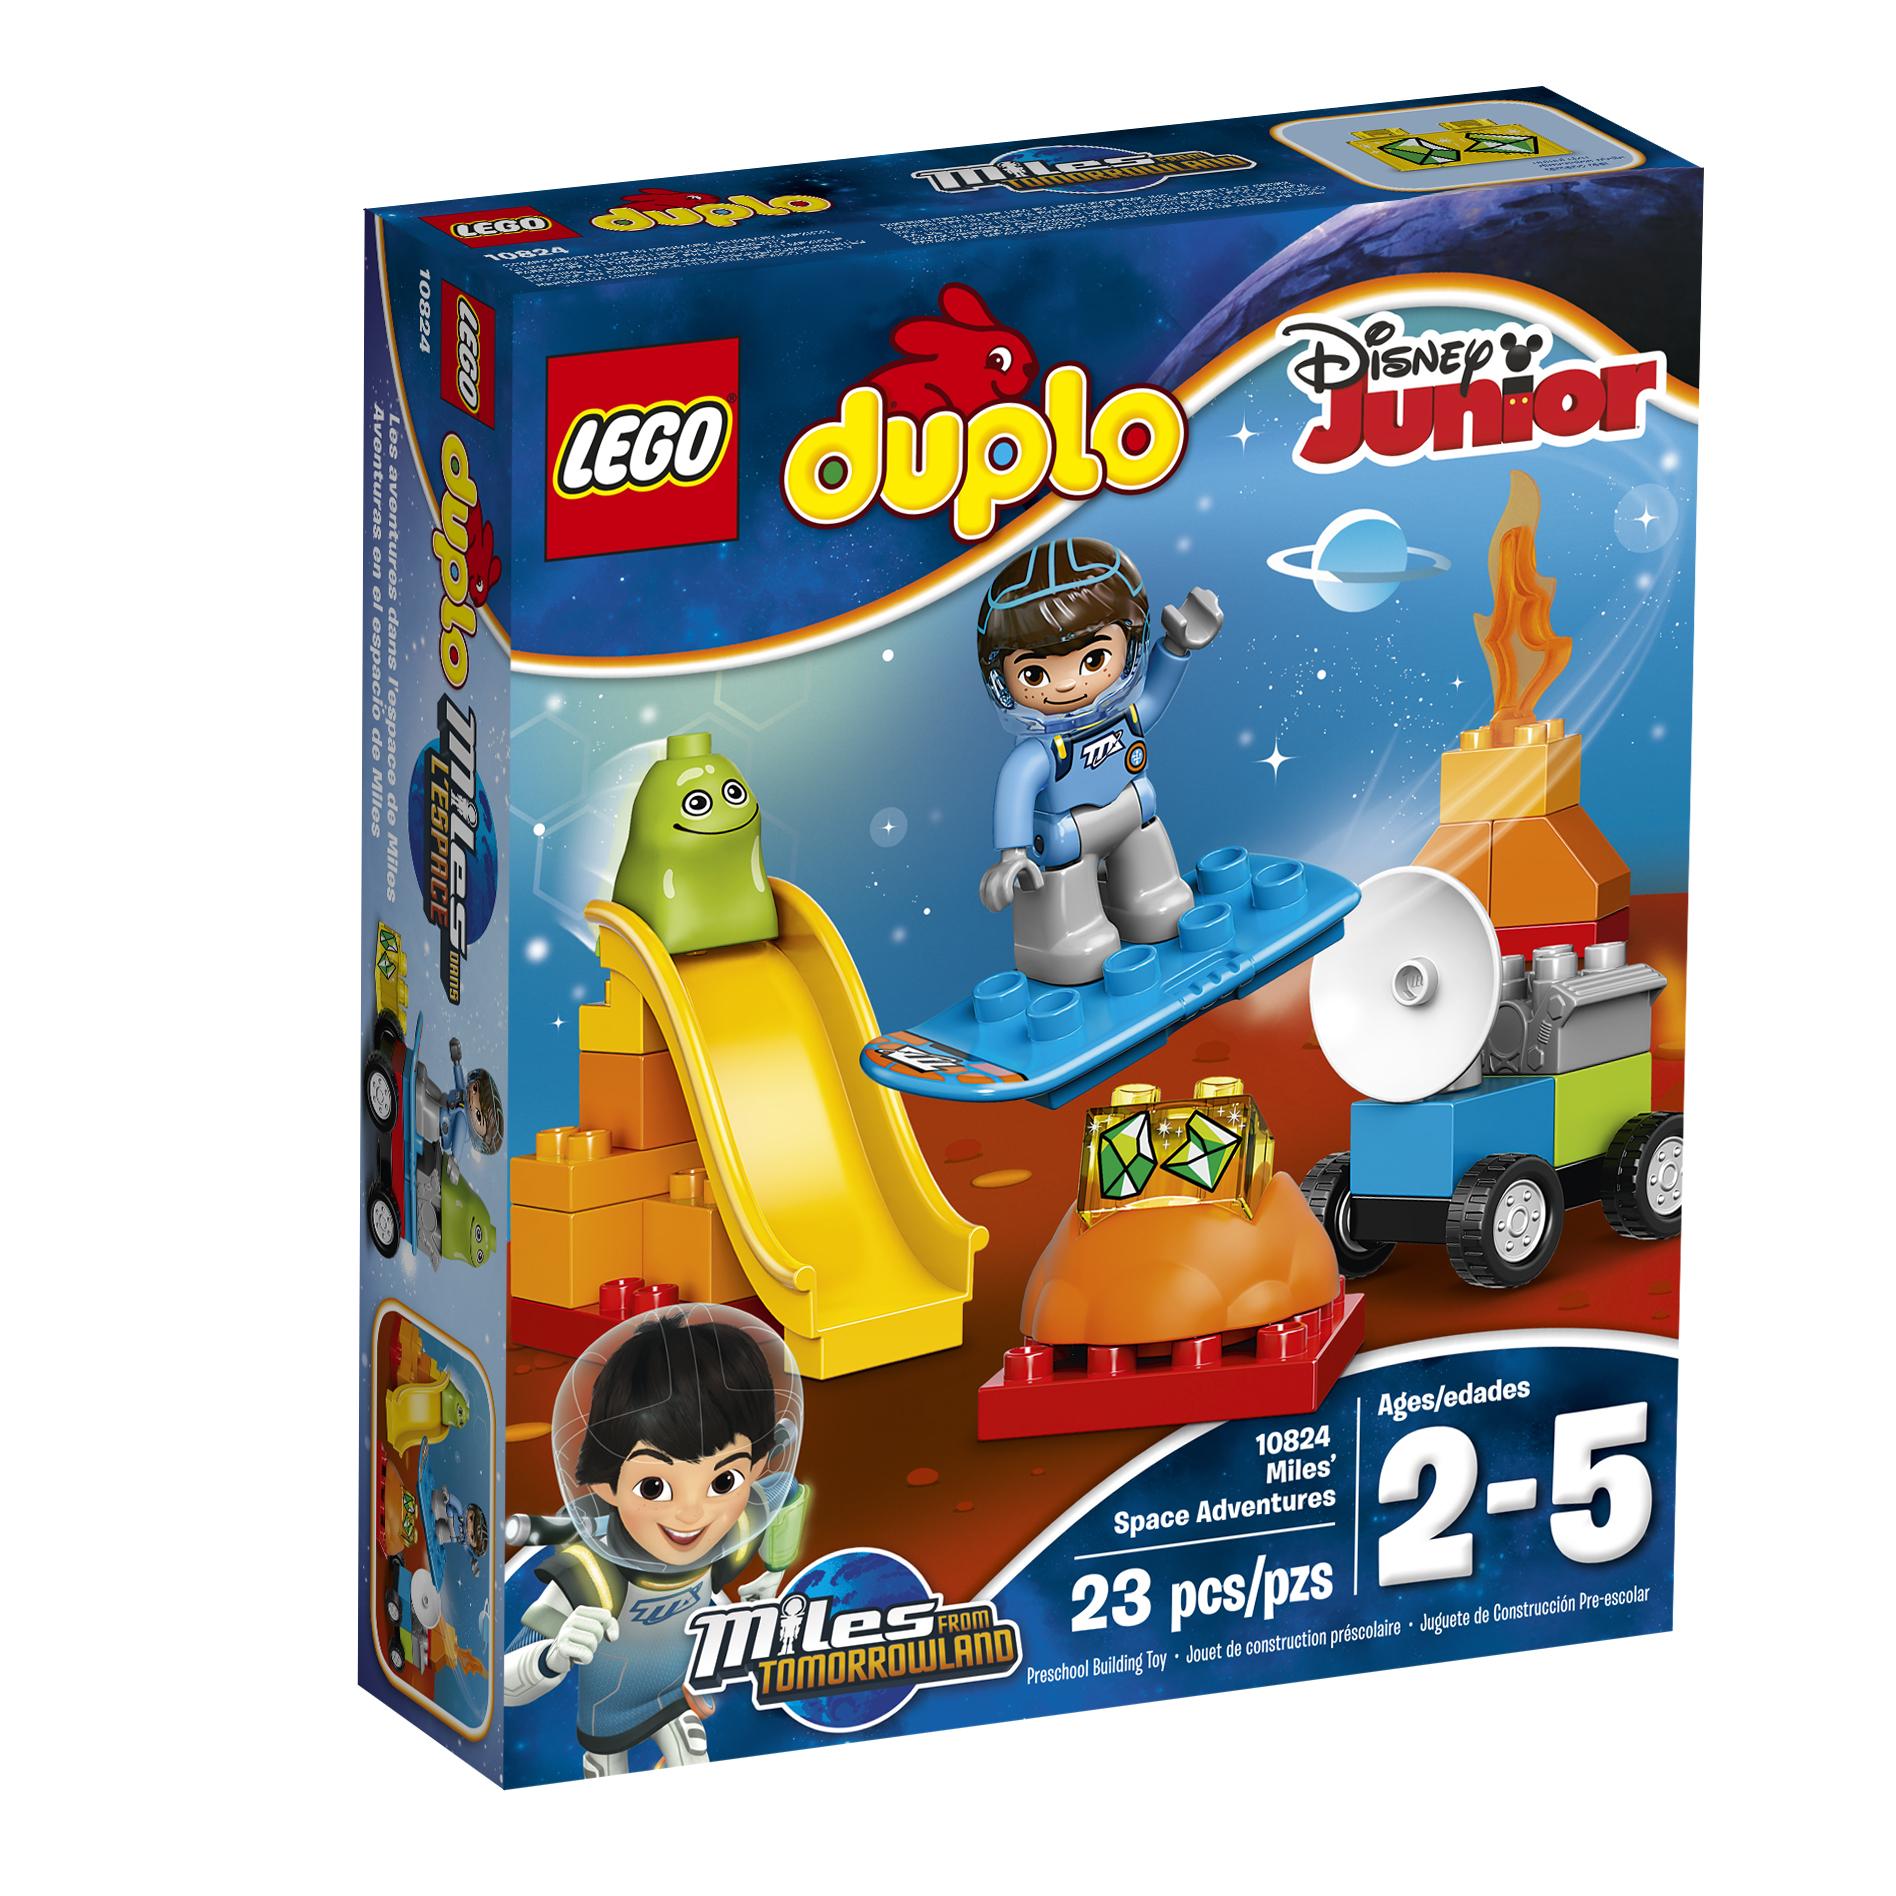 LEGO DUPLO® Disney Junior Miles' Space Adventures #10824 PartNumber: 004W009110257001P KsnValue: 9110257 MfgPartNumber: 10824